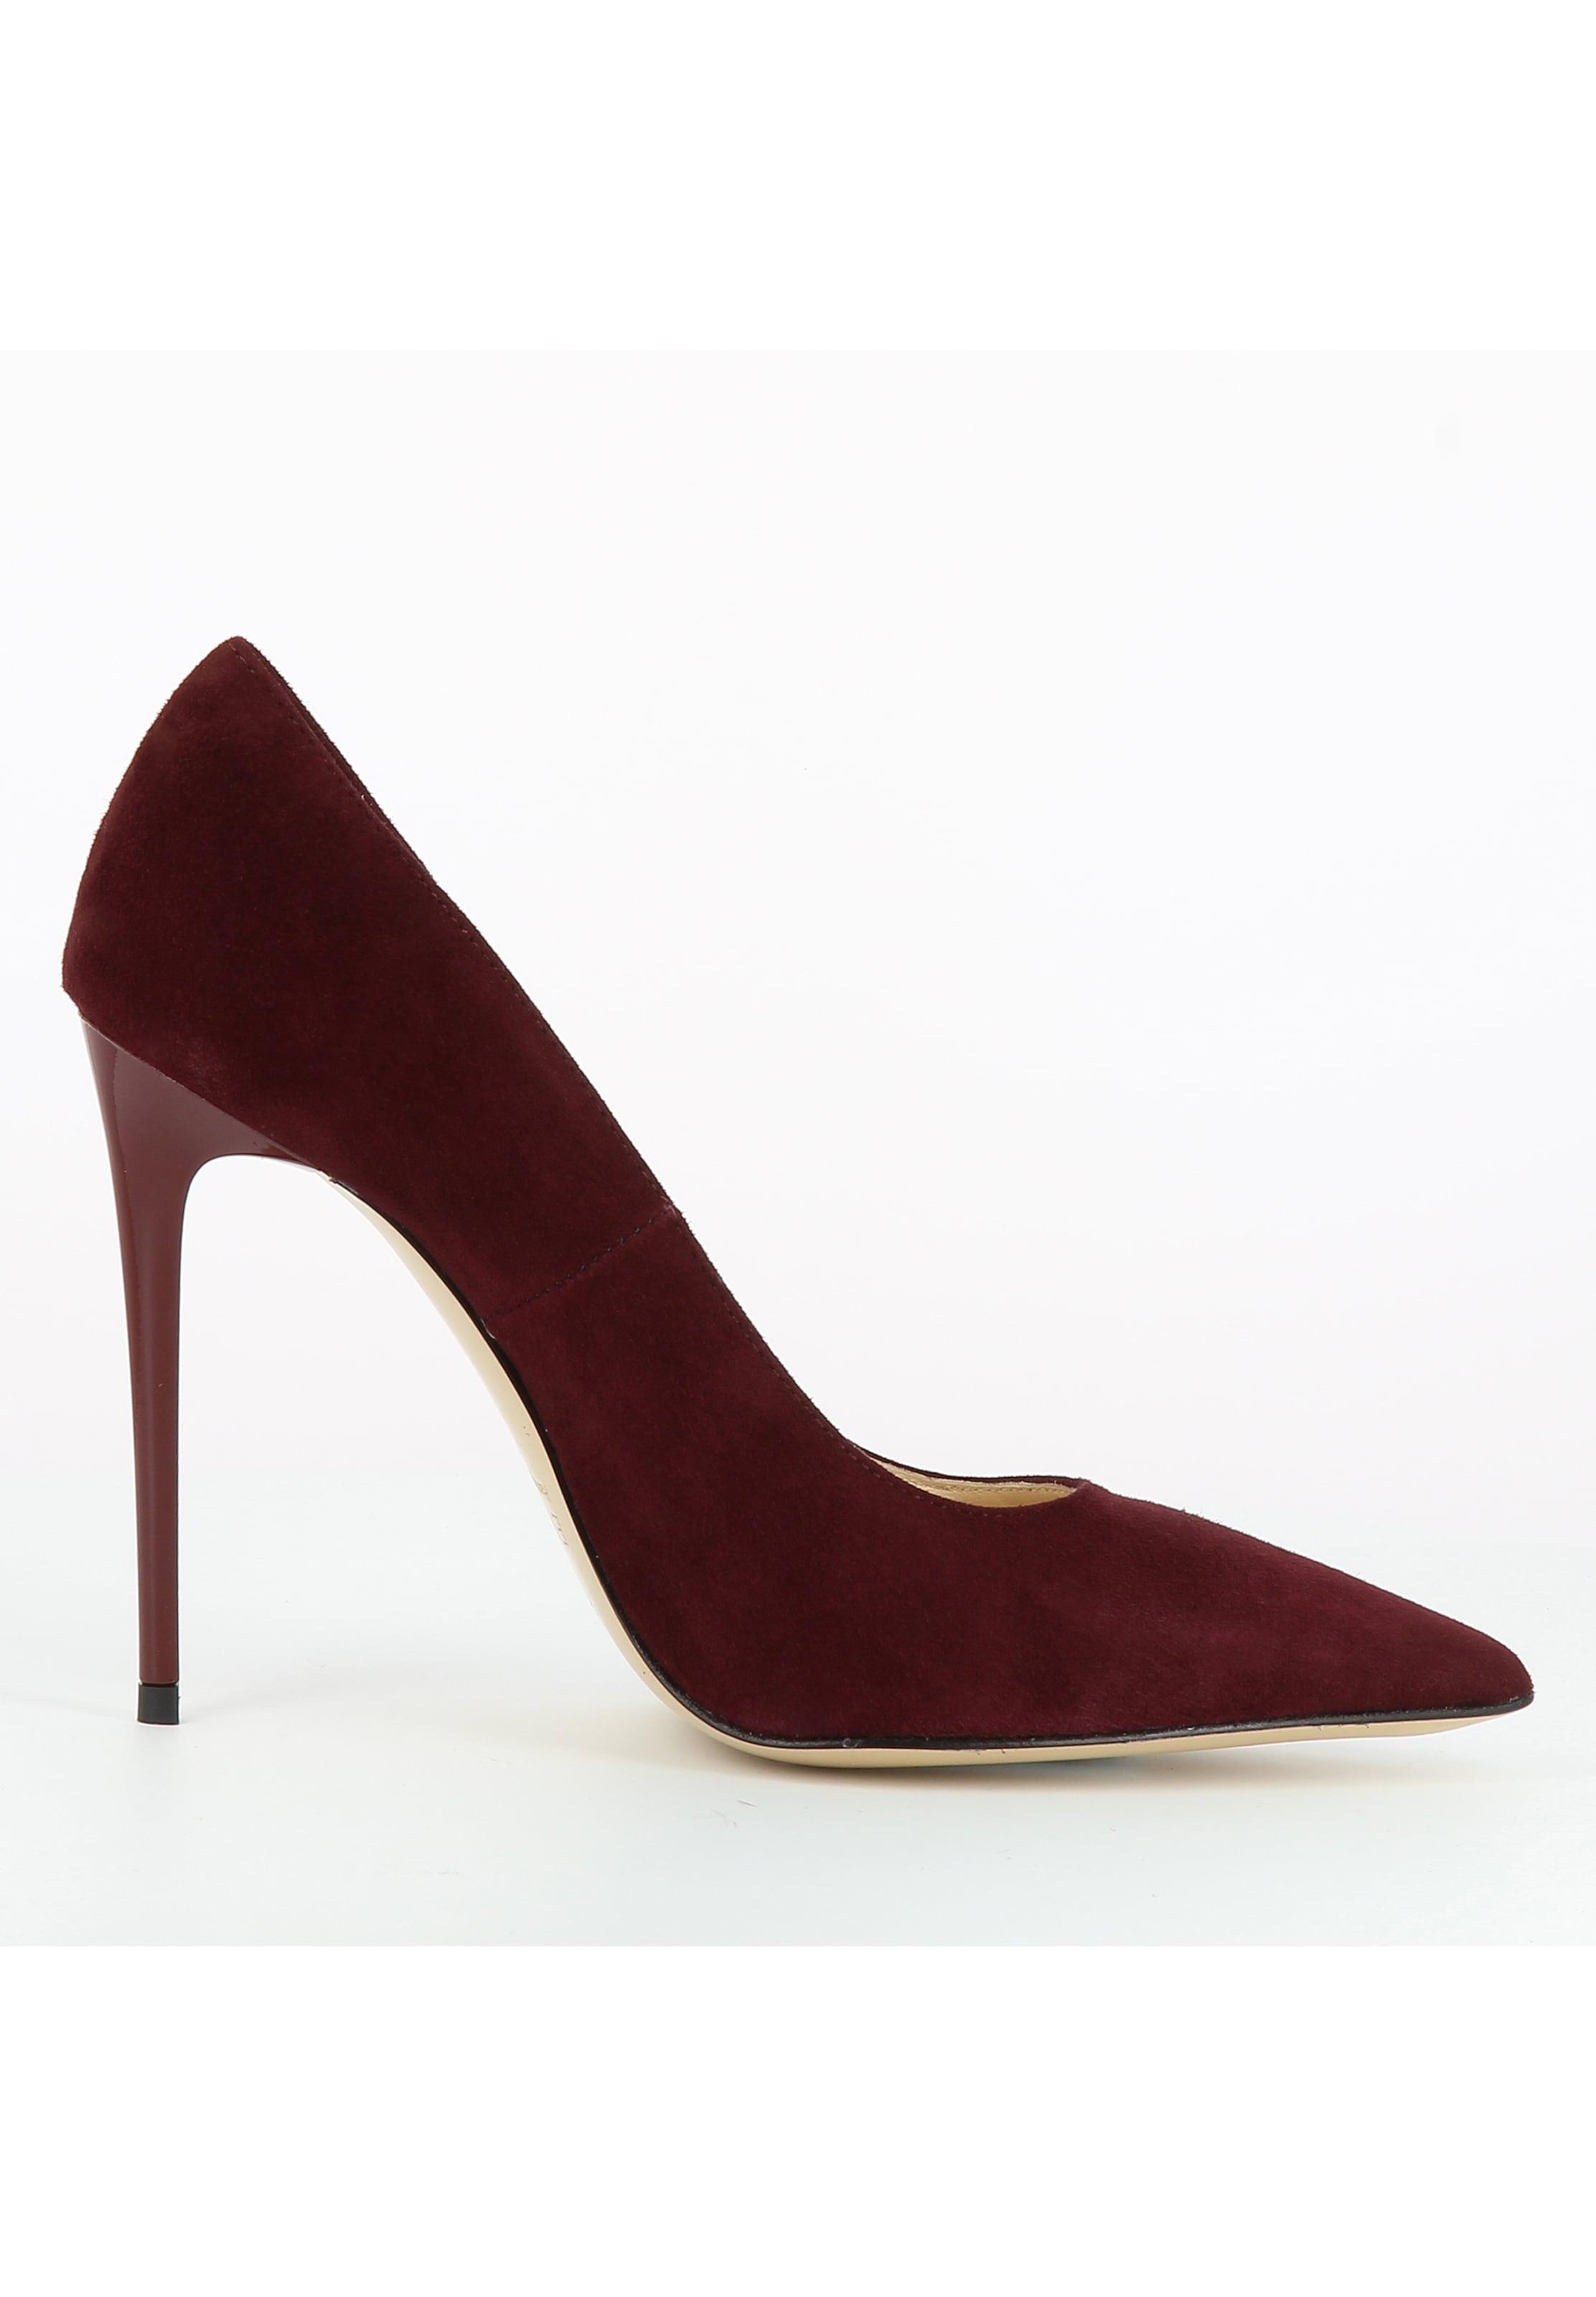 Neue Stile Günstiger Preis EVITA Damen Pumps 'DESIDERIA' Verkauf Manchester Großer Verkauf Gute Qualität Bester Platz eQOni5EzY9